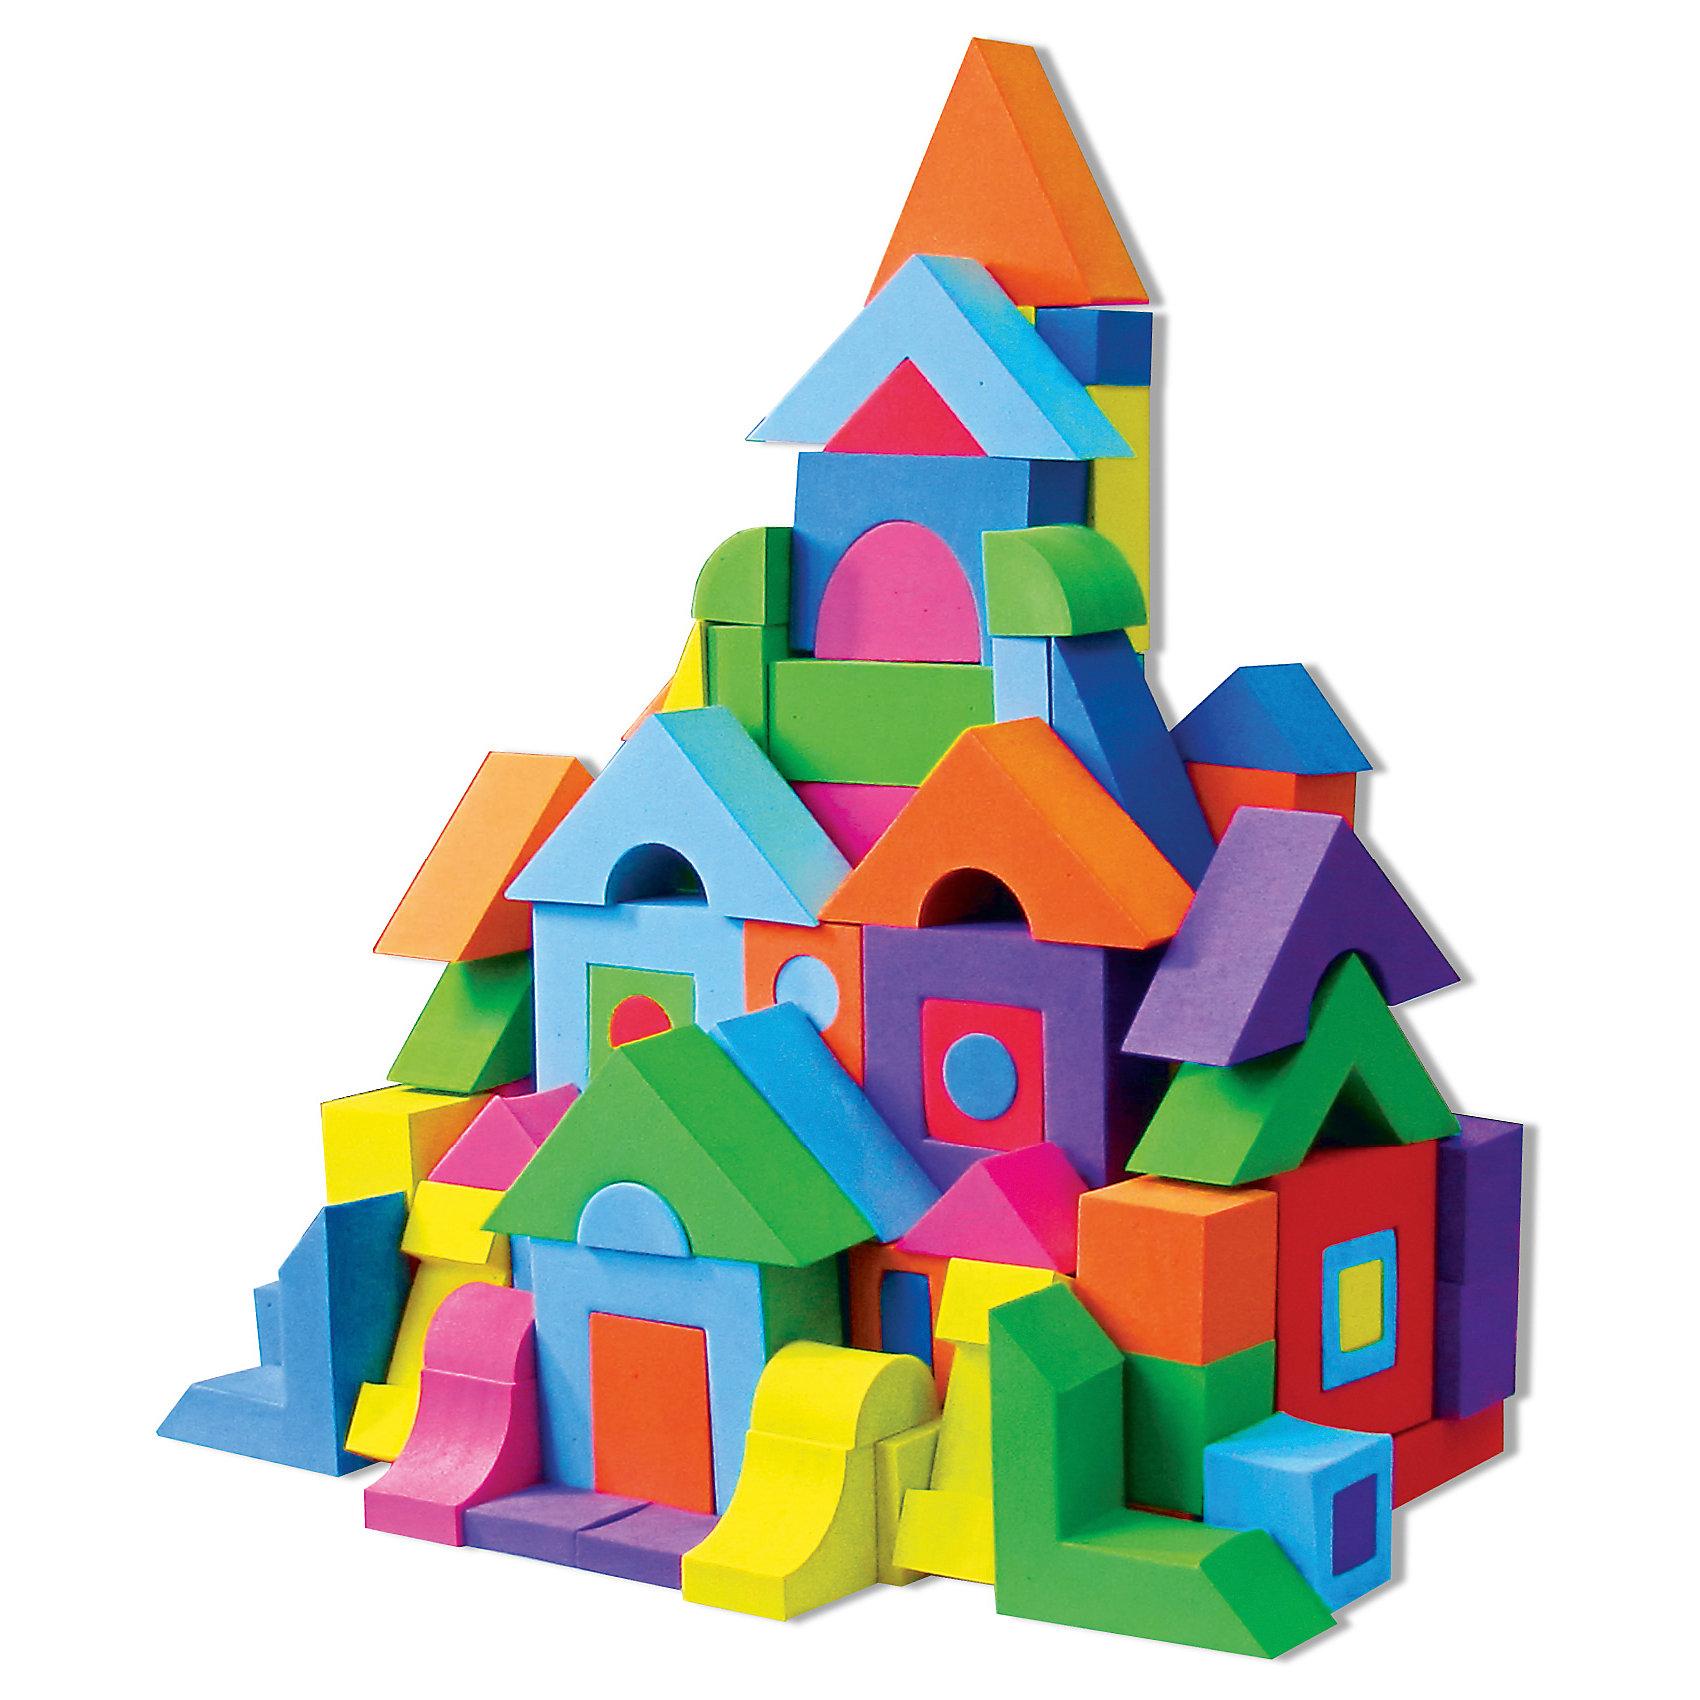 Мягкий конструктор, 258 деталей, Kribly BooМягкий конструктор идеальный вариант для самых маленьких строителей! Яркие детали и разнообразие форм привлекут внимание малышей и раскроют невероятные возможности для творчества. Все элементы конструктора выполнены из высококачественных материалов, с применением экологичных красителей, не имеют острых углов, абсолютно безопасны для детей. Мягкий конструктор - прекрасный подарок на любой праздник, который надолго увлечет ребенка, помогая ему развить логику, моторику рук, цветовосприятие и фантазию.<br><br>Дополнительная информация:<br><br>- Материал: вспененный полимер.<br>- Количество деталей:258.<br>- Размер упаковки: 18,2x29x19,1 см.<br><br>Мягкий конструктор, 258 деталей, Kribly Boo (Крибли Бу), можно купить в нашем магазине.<br><br>Ширина мм: 280<br>Глубина мм: 180<br>Высота мм: 180<br>Вес г: 660<br>Возраст от месяцев: 36<br>Возраст до месяцев: 84<br>Пол: Унисекс<br>Возраст: Детский<br>SKU: 4515339